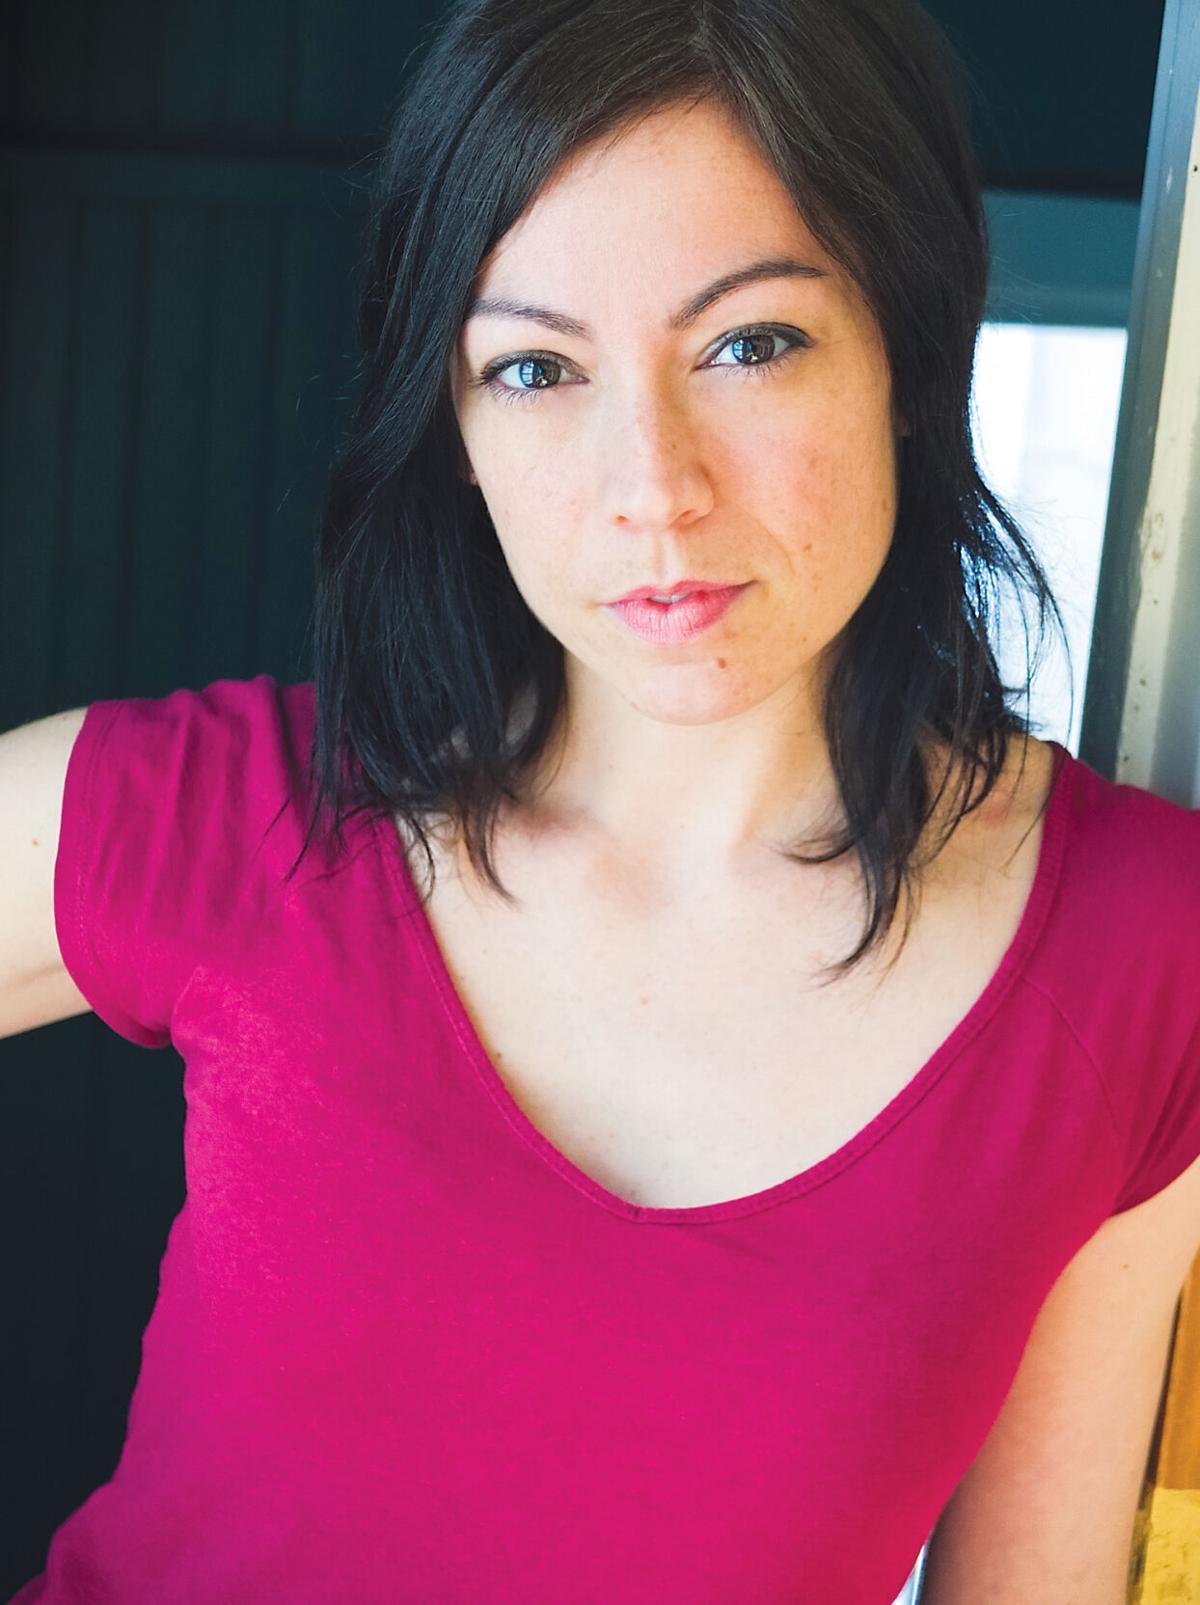 Kate LoConti Alcocer